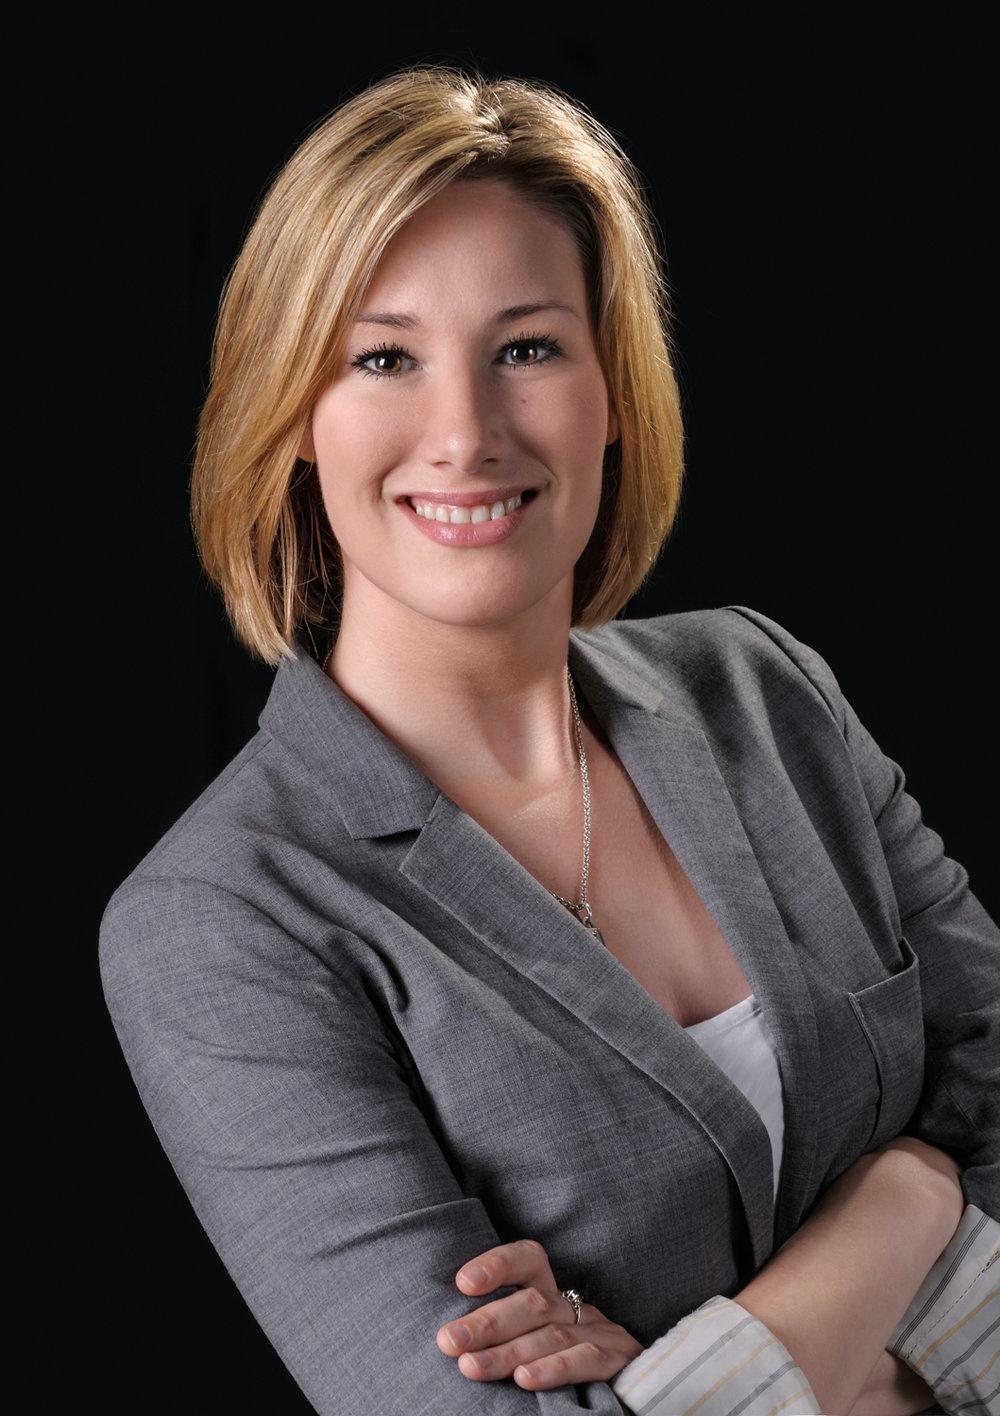 Samantha Porter, Y&R